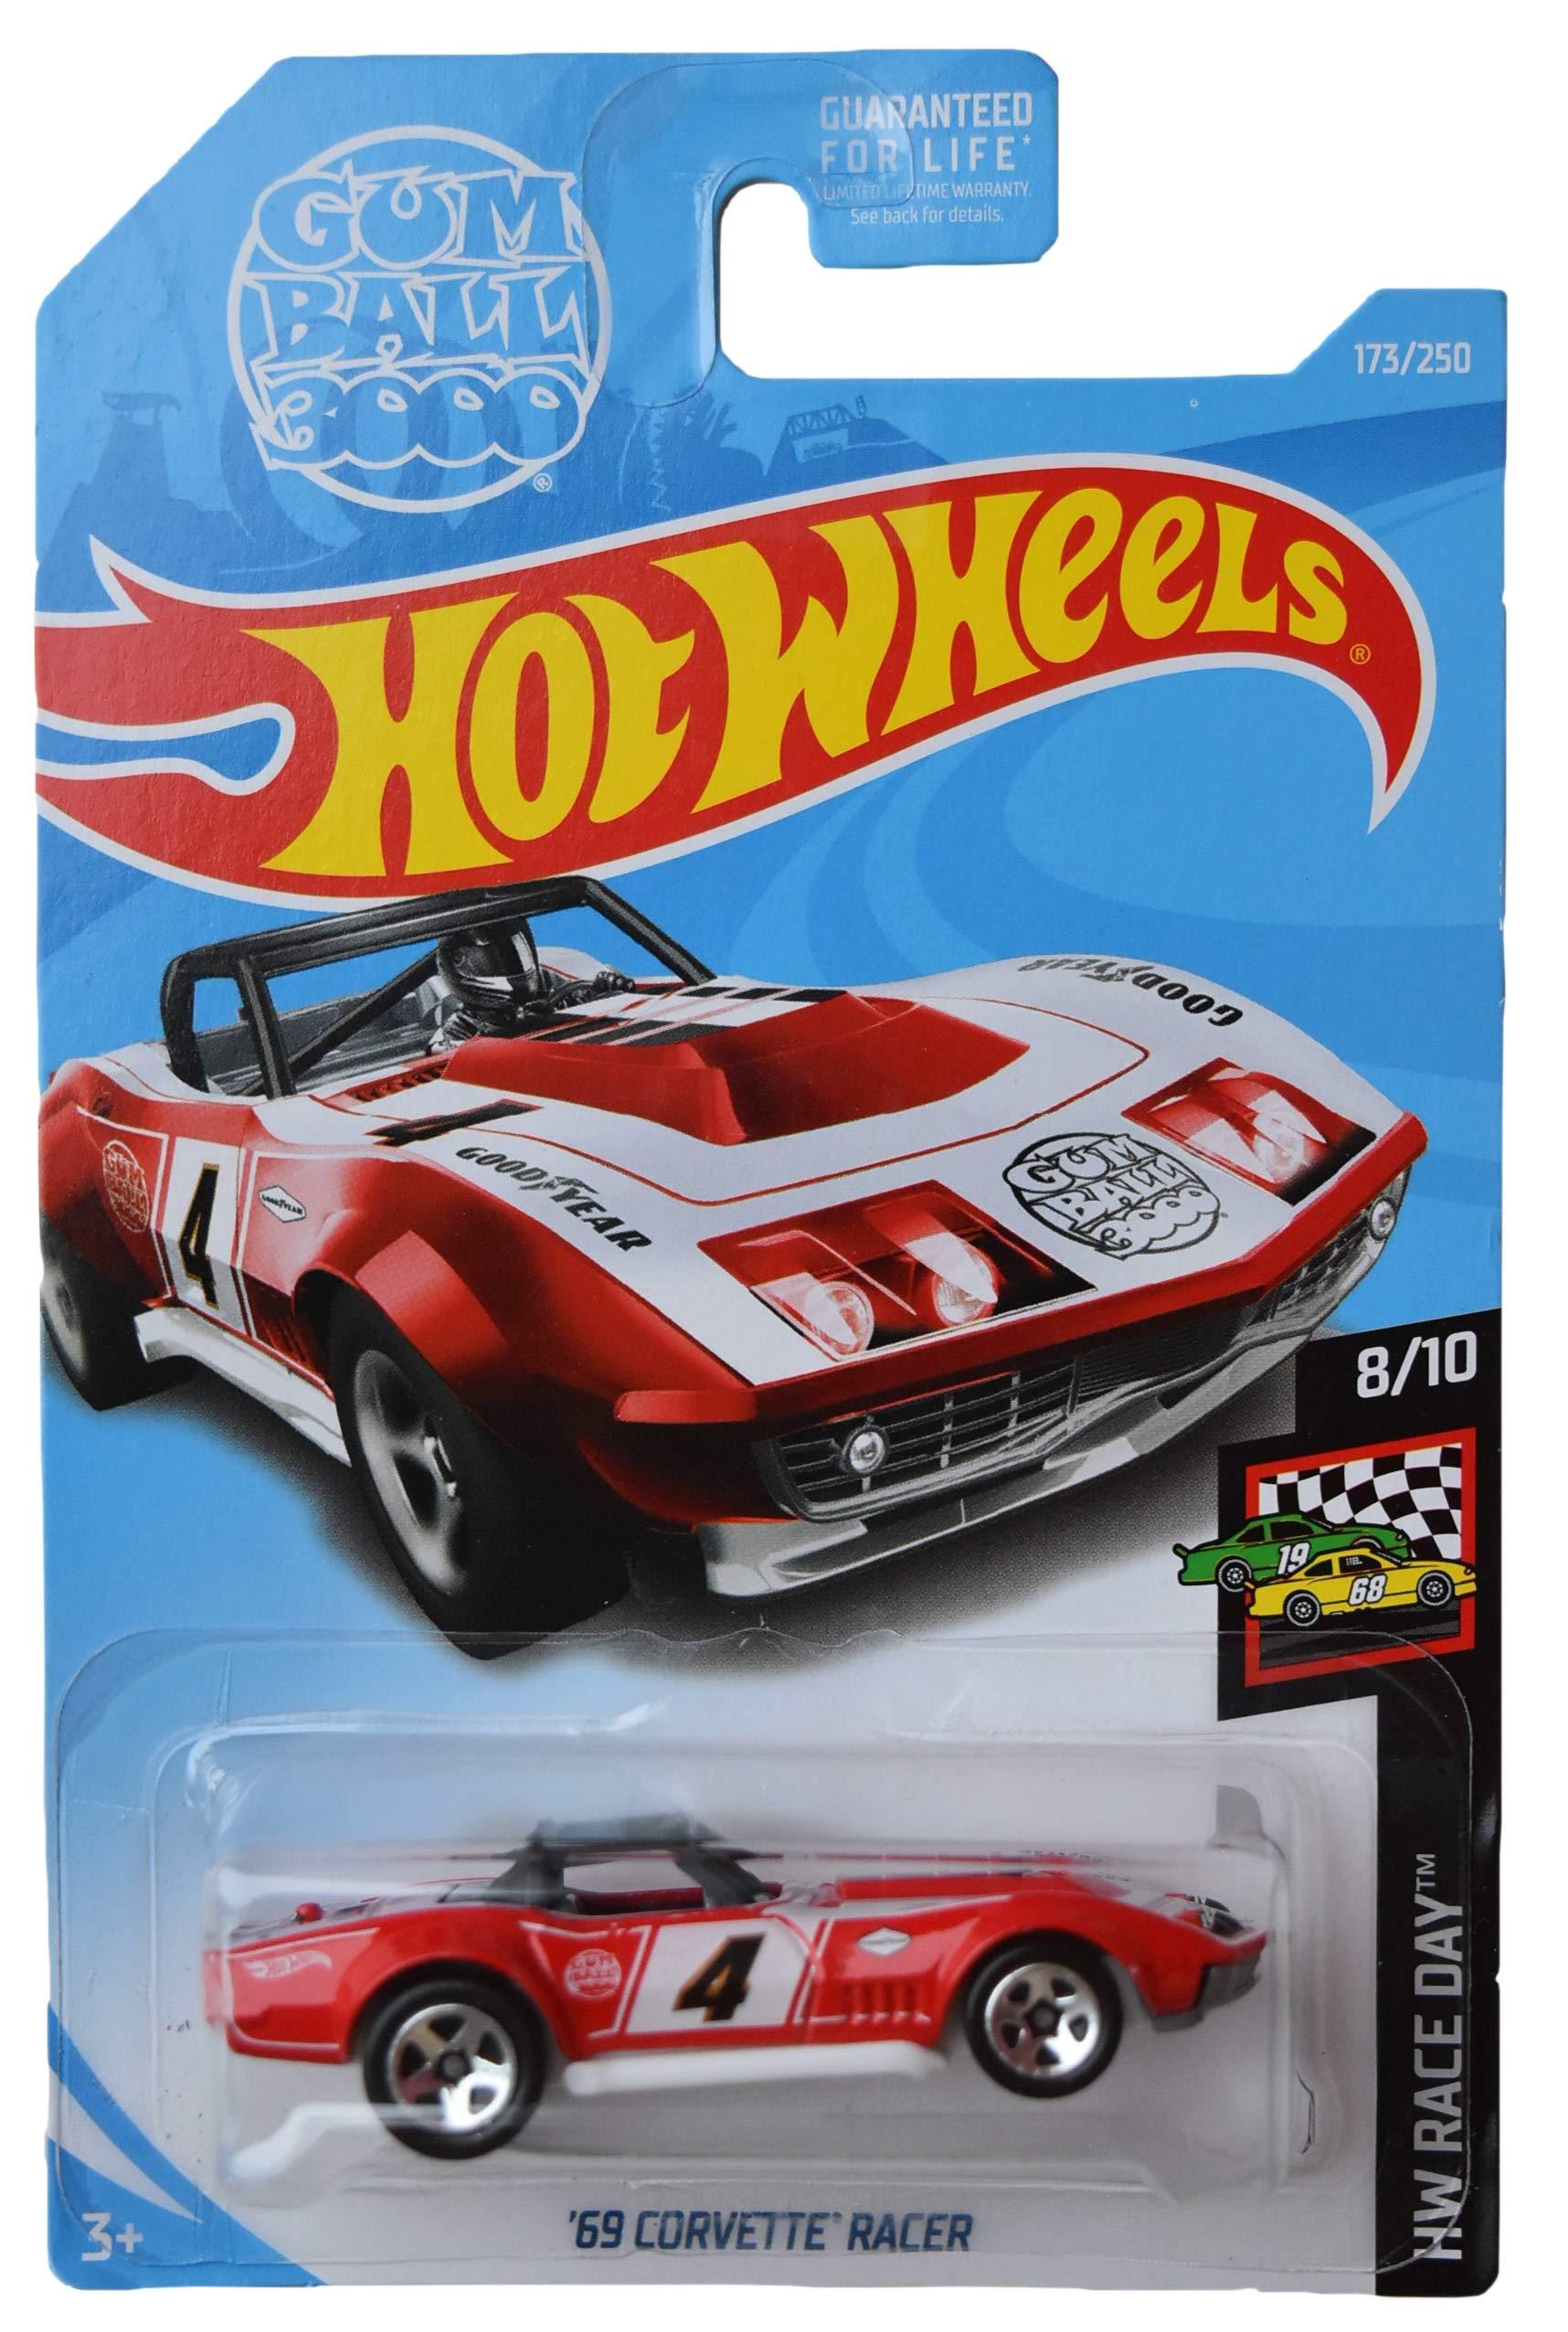 Hot Wheels Race Day Series 8/10 '69 Corvette Racer 173/250, red